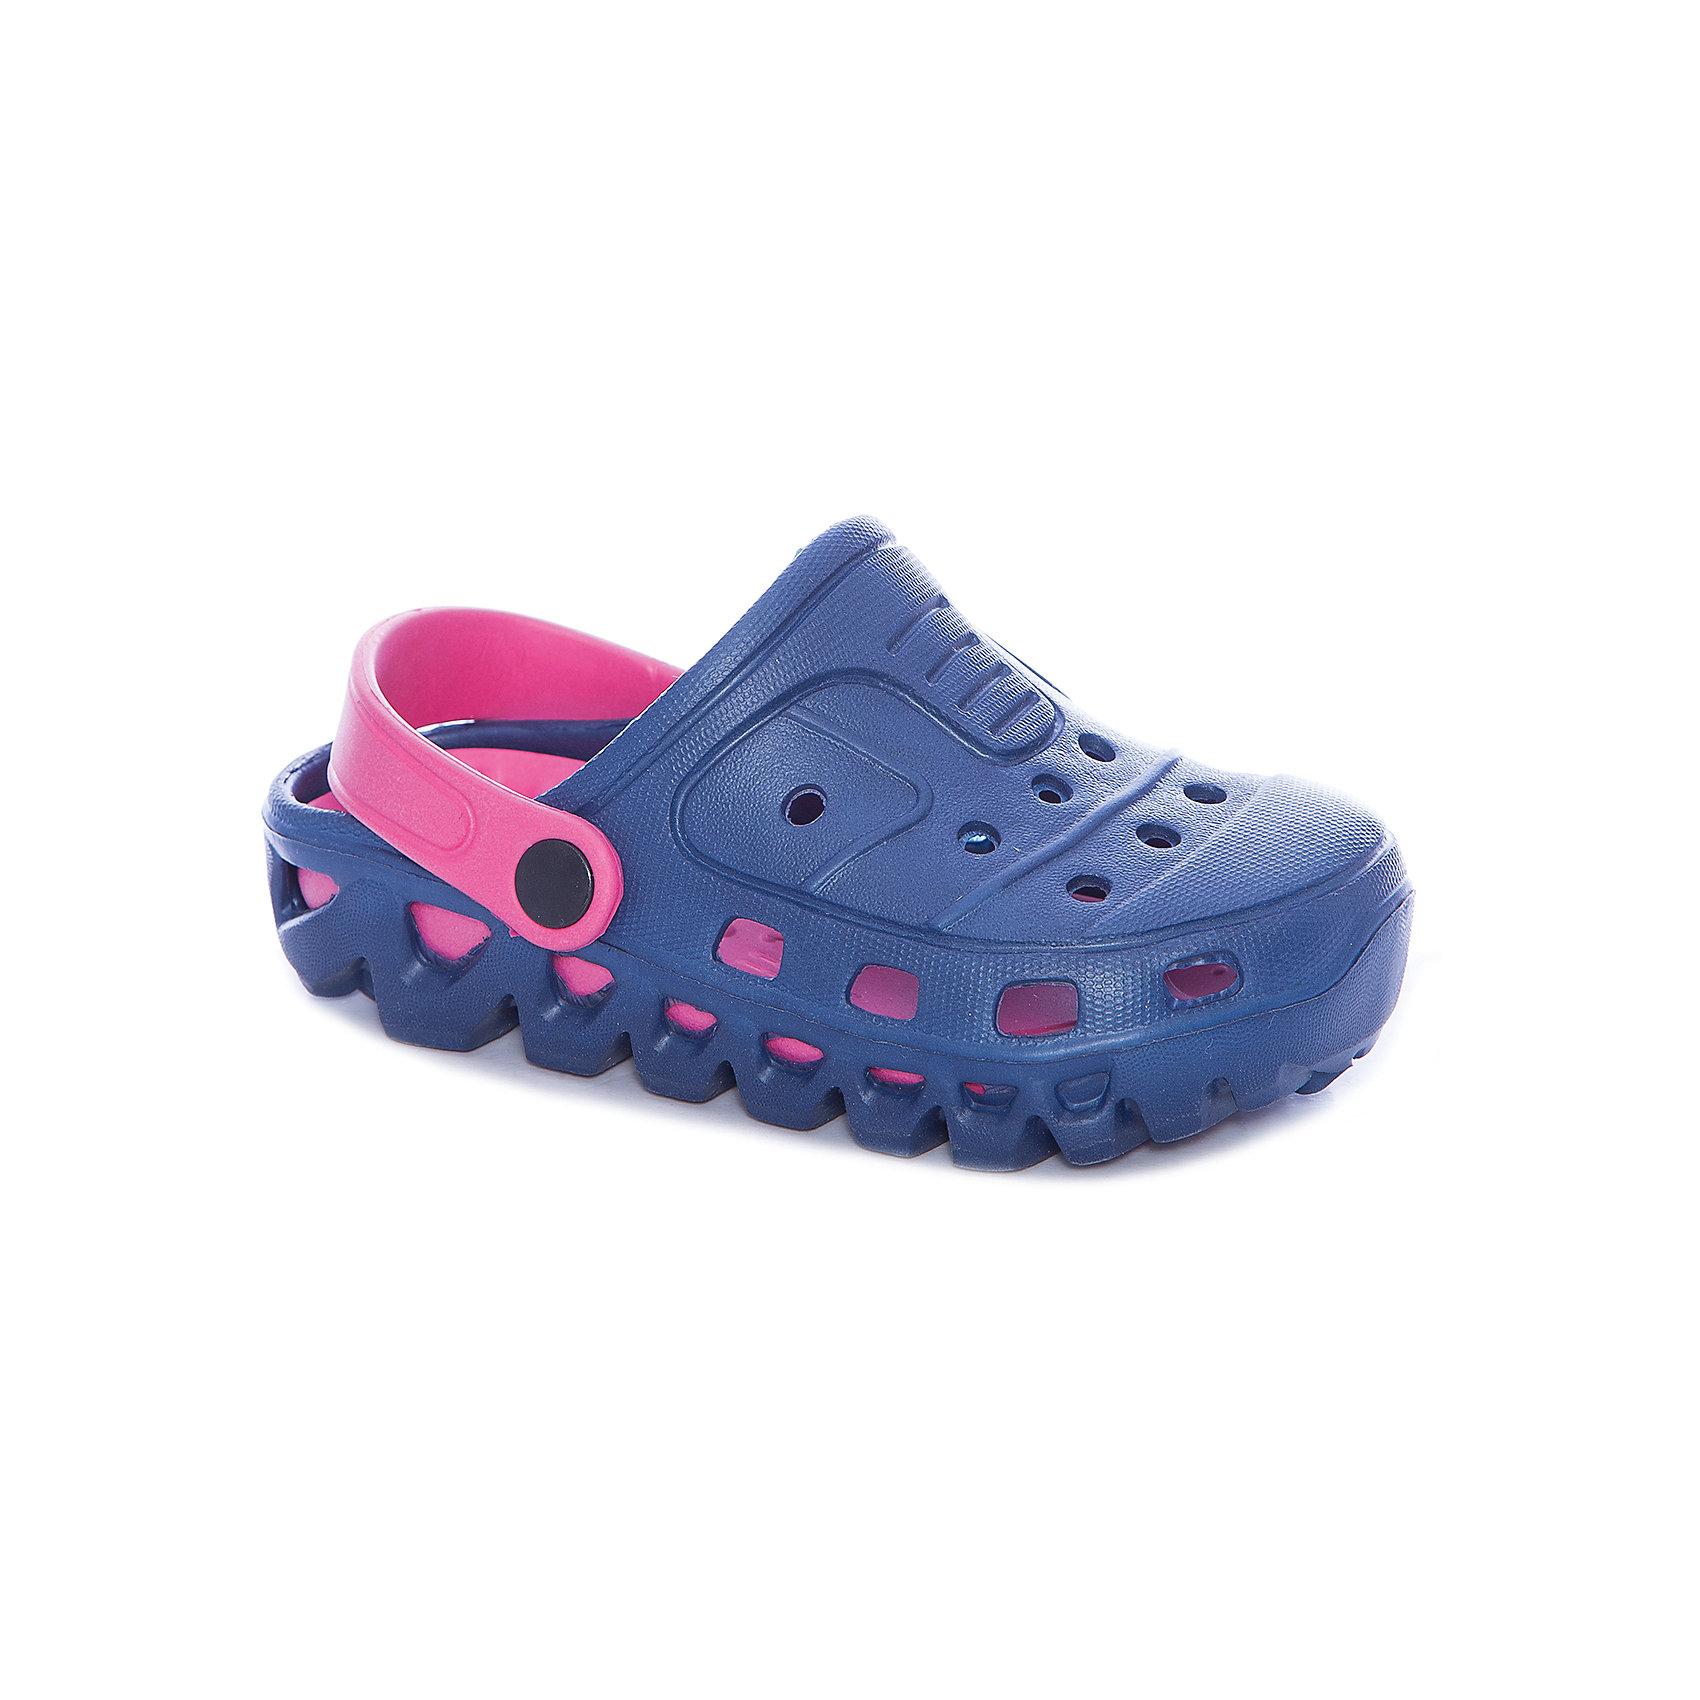 Сабо для девочки PlayTodayПляжная обувь<br>Сабо для девочки PlayToday<br>Эти удобные пантолеты прекрасно подойдут и для дачи, и для пляжа. Подвижный пяточный ремень позволяет легко снимать о одевать обувь. Перфорированная носочная часть обеспечивает хорошую вентиляцию <br><br>Преимущества: <br><br>Подвижный пяточный ремень позволяет легко снимать и одевать пантолеты<br>Перфорированная носочная часть обеспечивает хорошую вентиляцию<br><br>Состав:<br>100% этилвинилацетат<br><br>Ширина мм: 225<br>Глубина мм: 139<br>Высота мм: 112<br>Вес г: 290<br>Цвет: разноцветный<br>Возраст от месяцев: 72<br>Возраст до месяцев: 84<br>Пол: Женский<br>Возраст: Детский<br>Размер: 30,31,27,28,29<br>SKU: 5404730